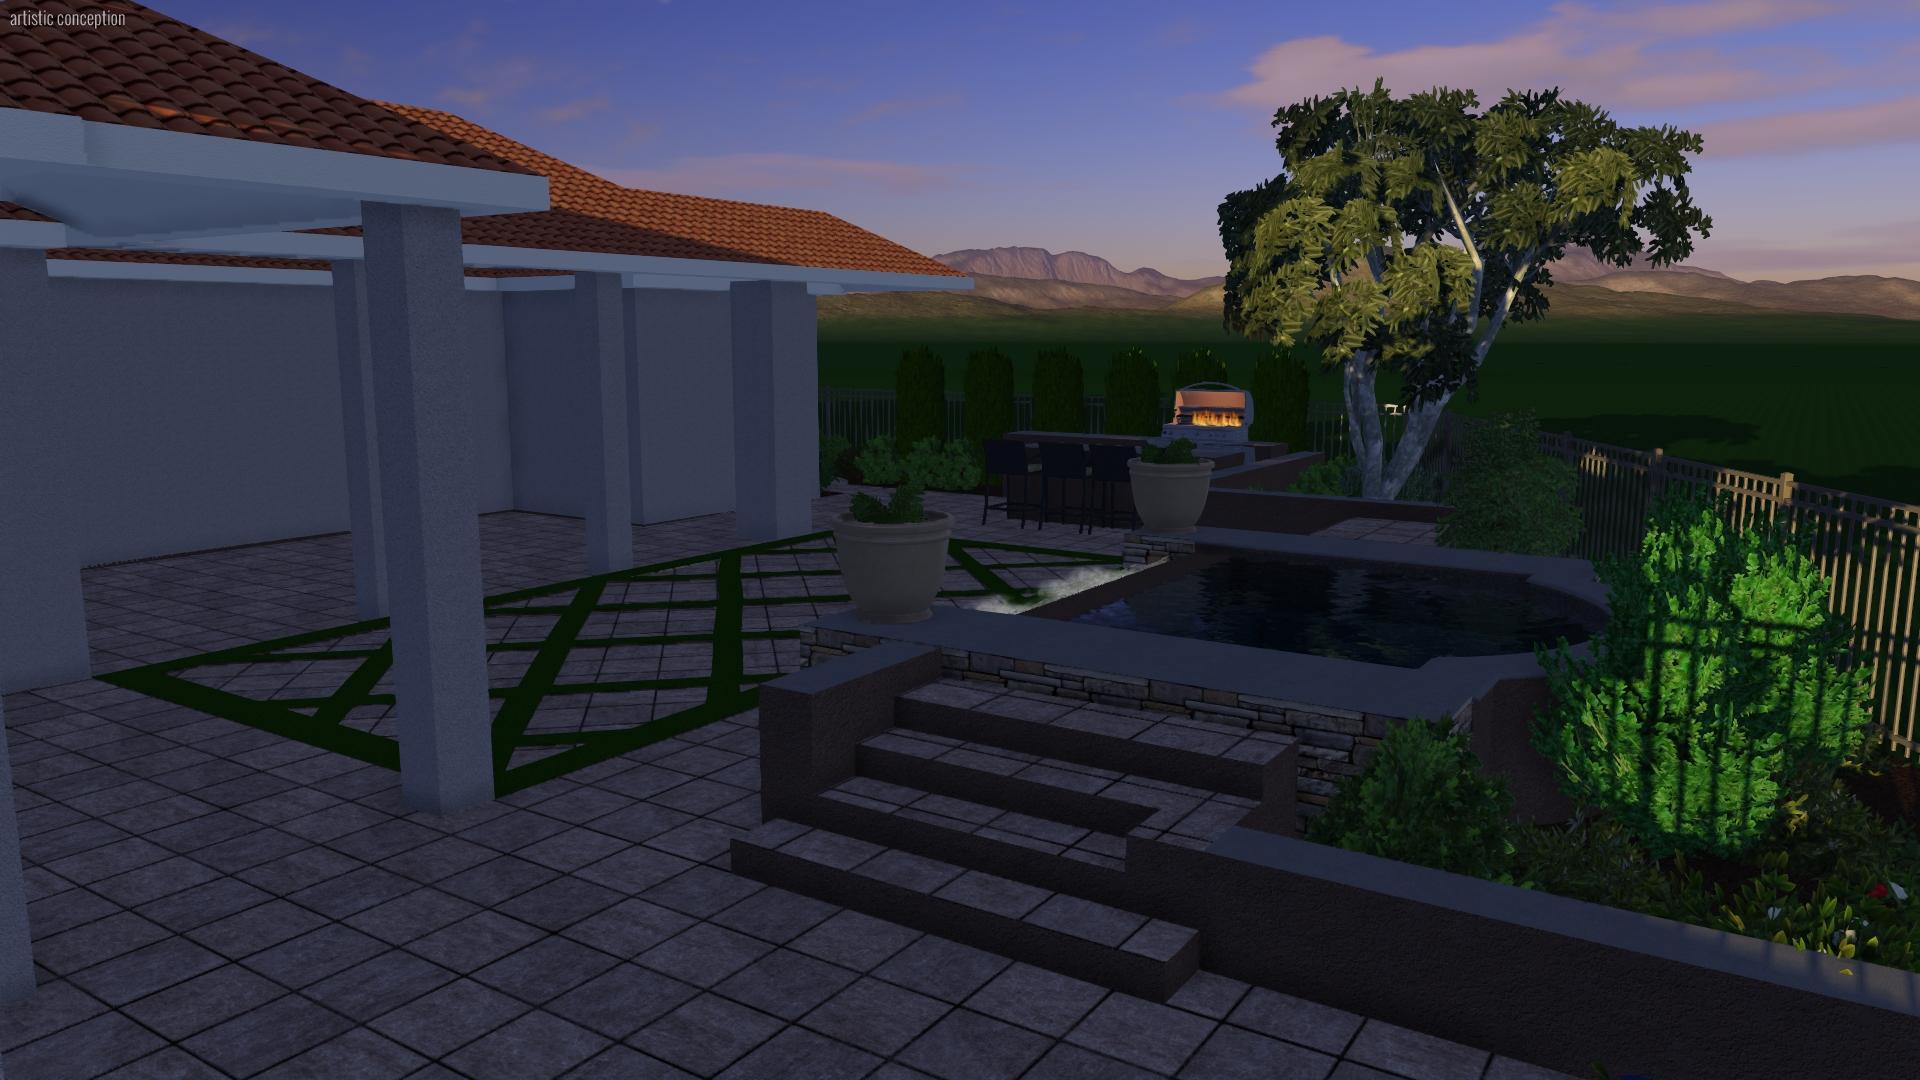 Residence 2 26 18_008.jpg